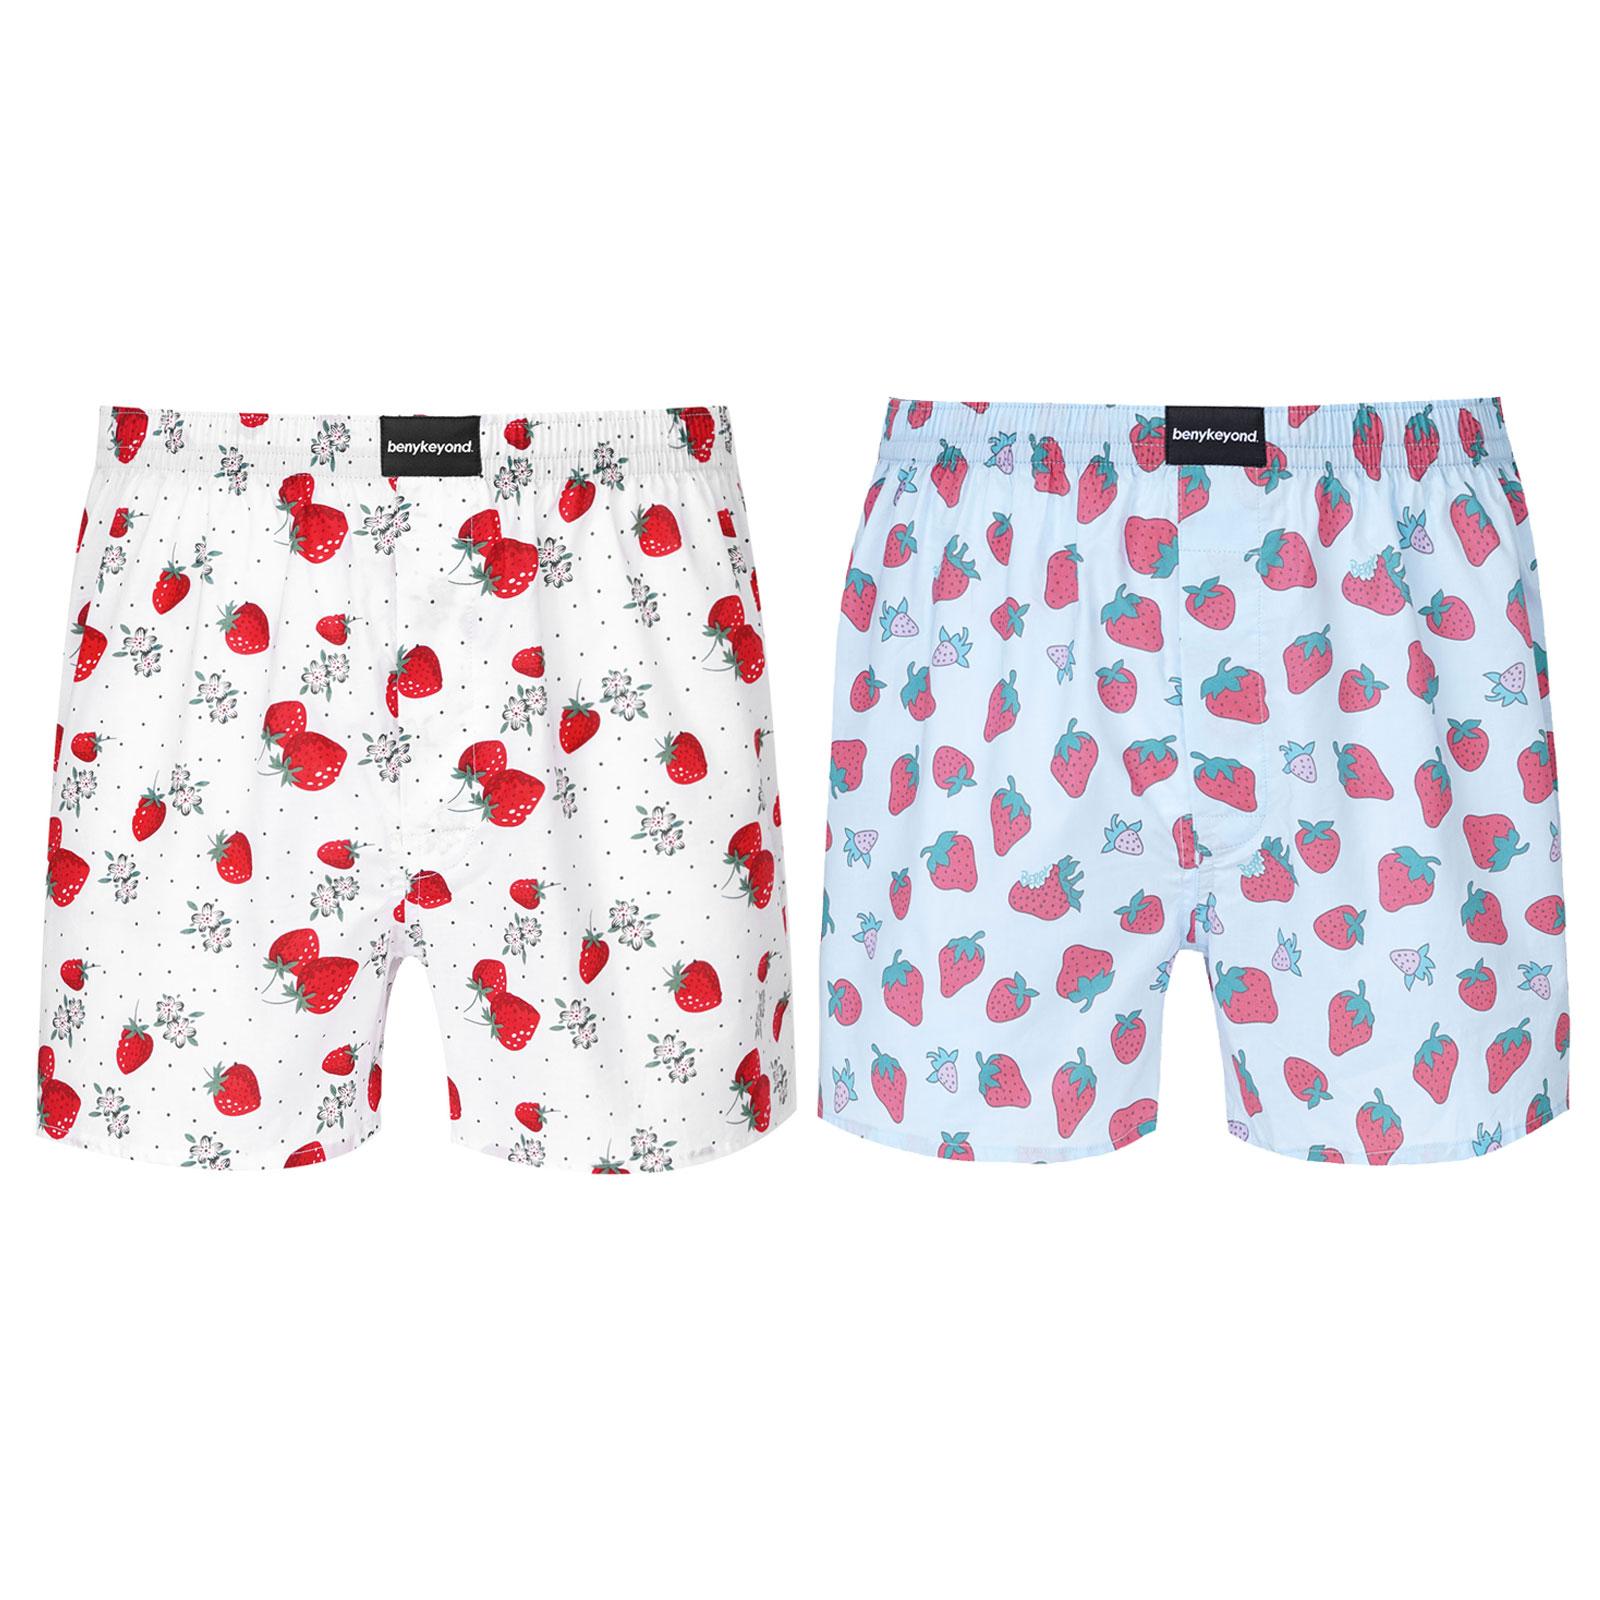 Мужчины клубника принт резинка пояс боксеры шорты гостиная пижама одежда для сна шорты брюки тонкие трусы быстросохнущие сухие дышащие